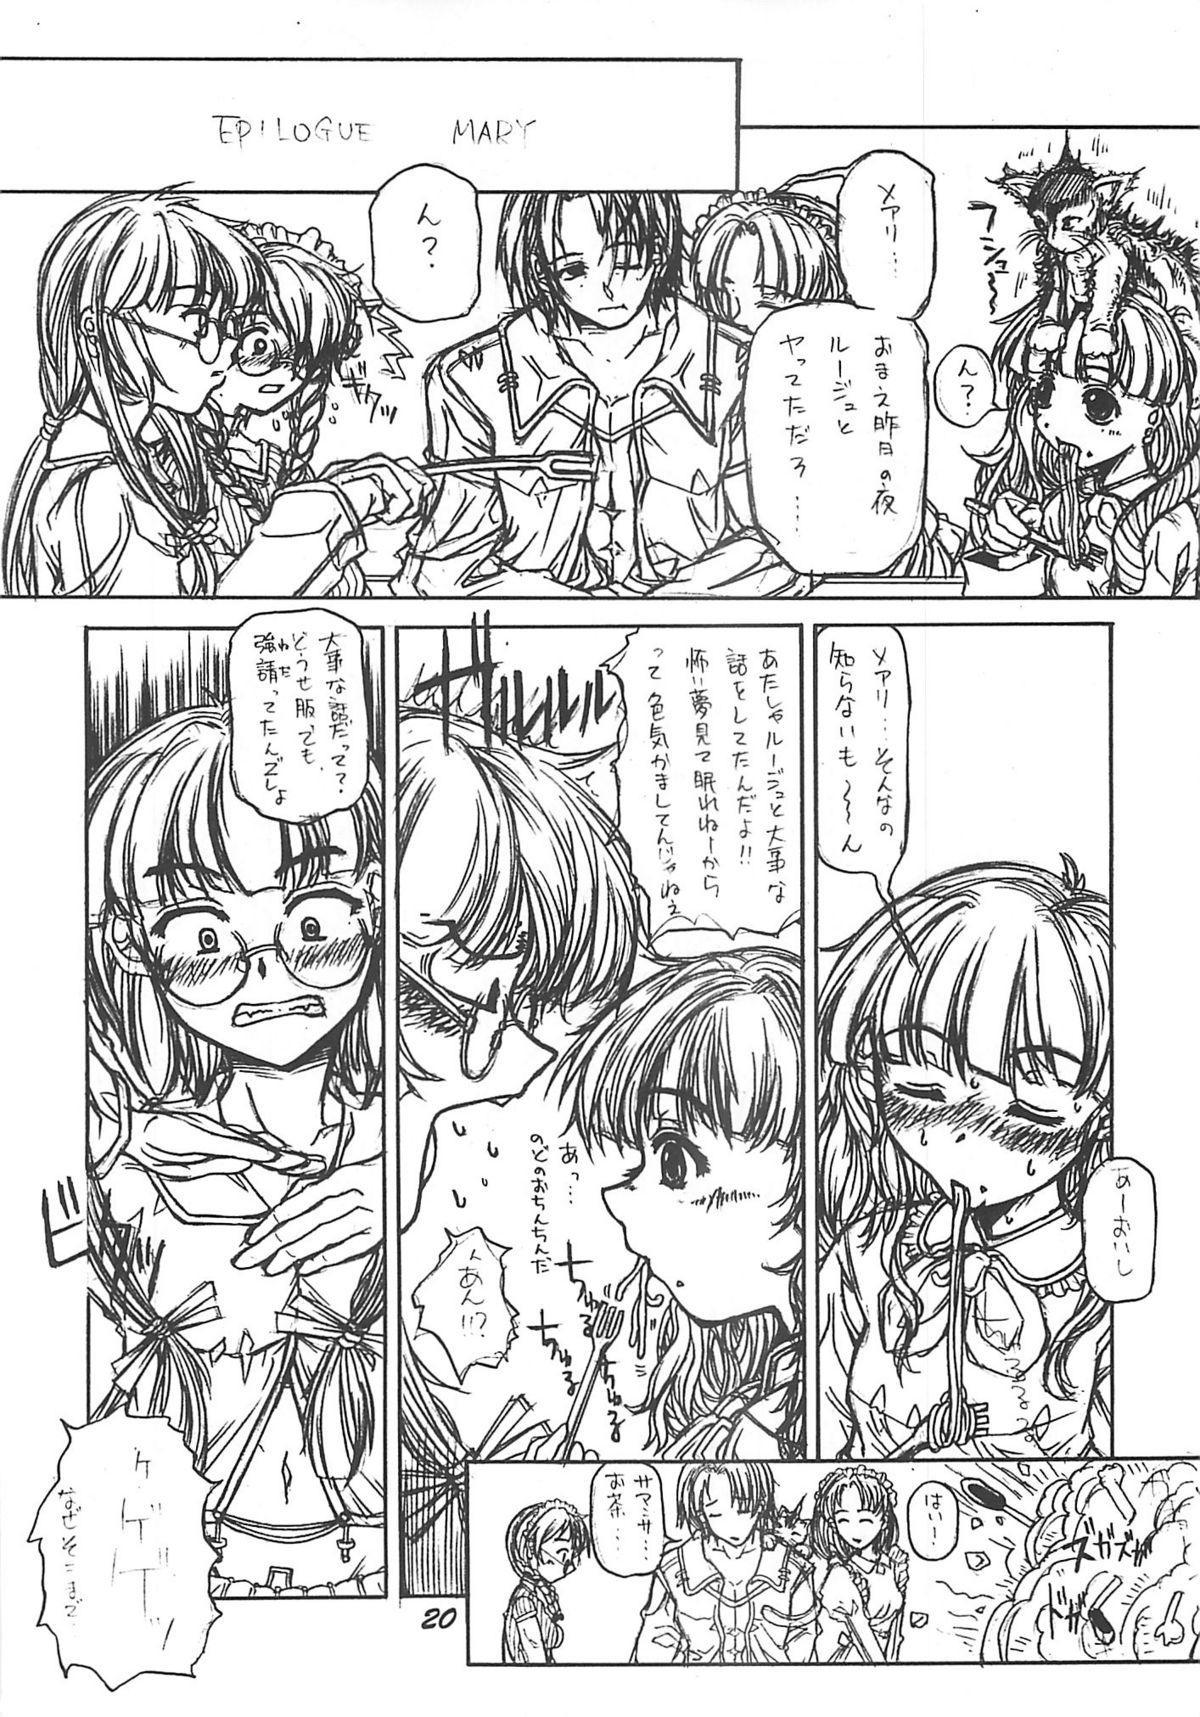 [Virgin Virus (Matsumi Jun)] Fukakutei Youso to Jinrui Kyuushi gaku no Mechanism ni kansuru Suitei Ronri (Kari) EPISODE MARY [5th Edition] 18